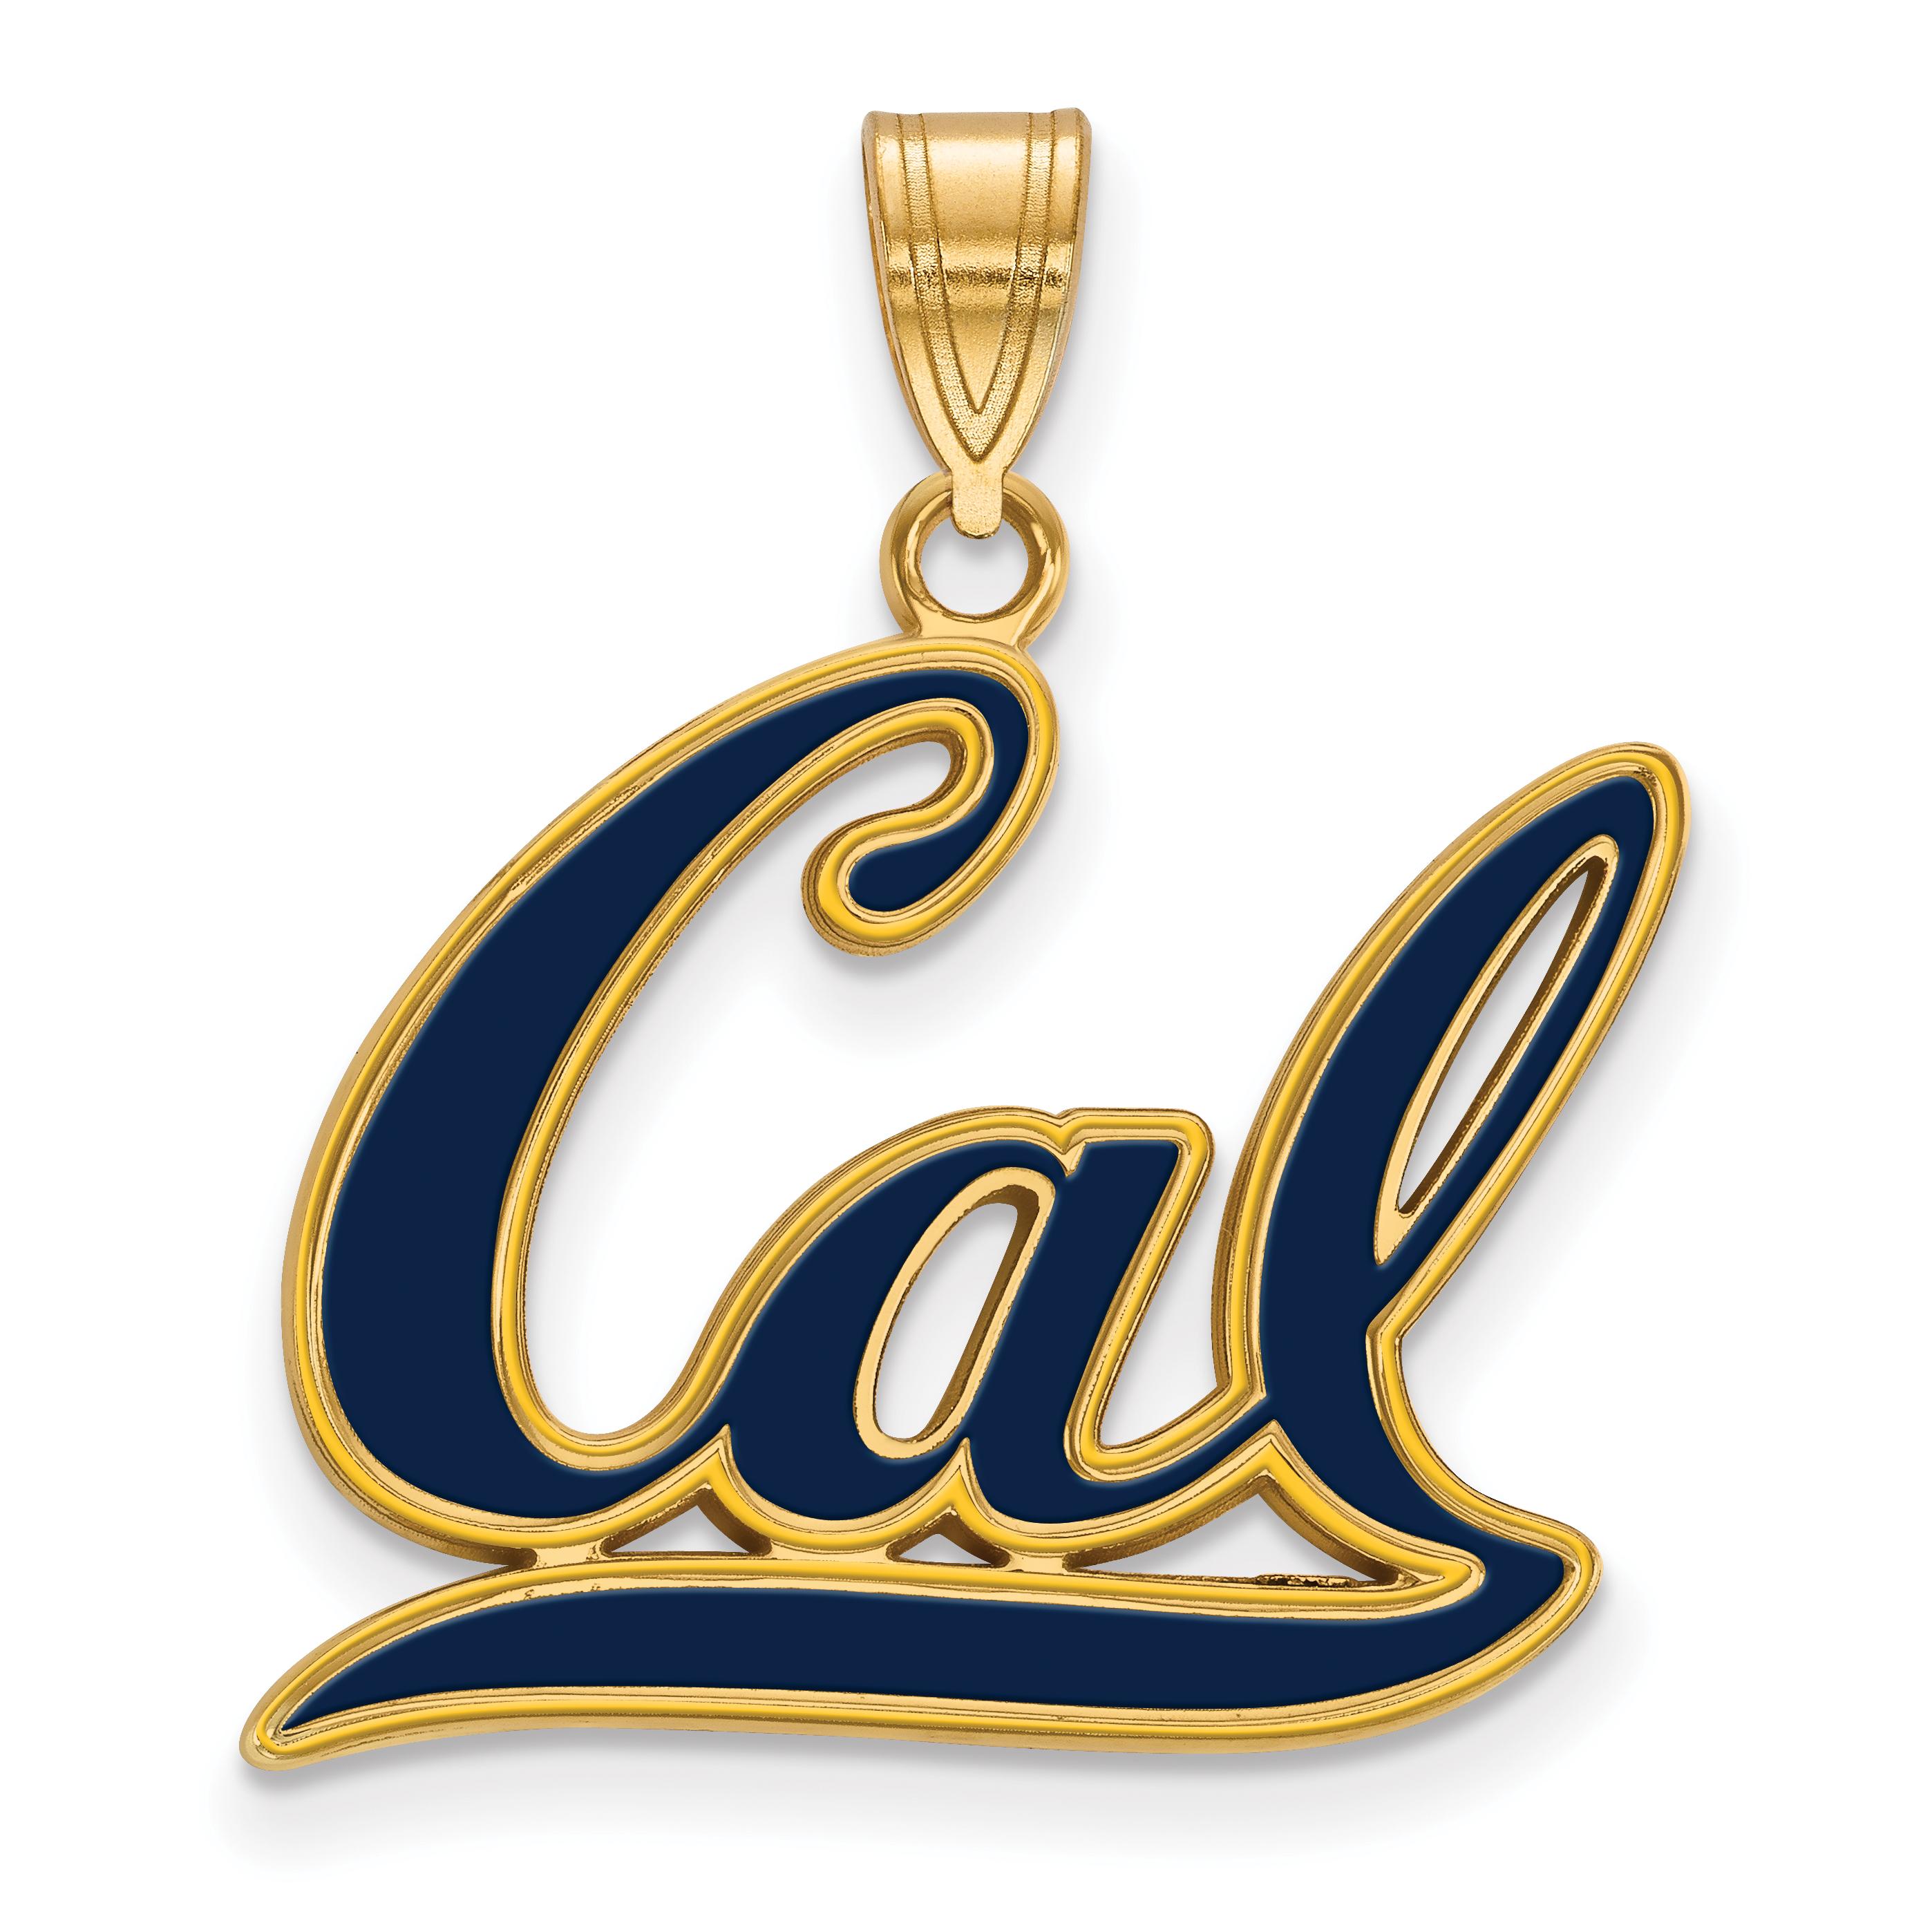 Sterling Silver LogoArt University of California Berkeley XS Post Earrings